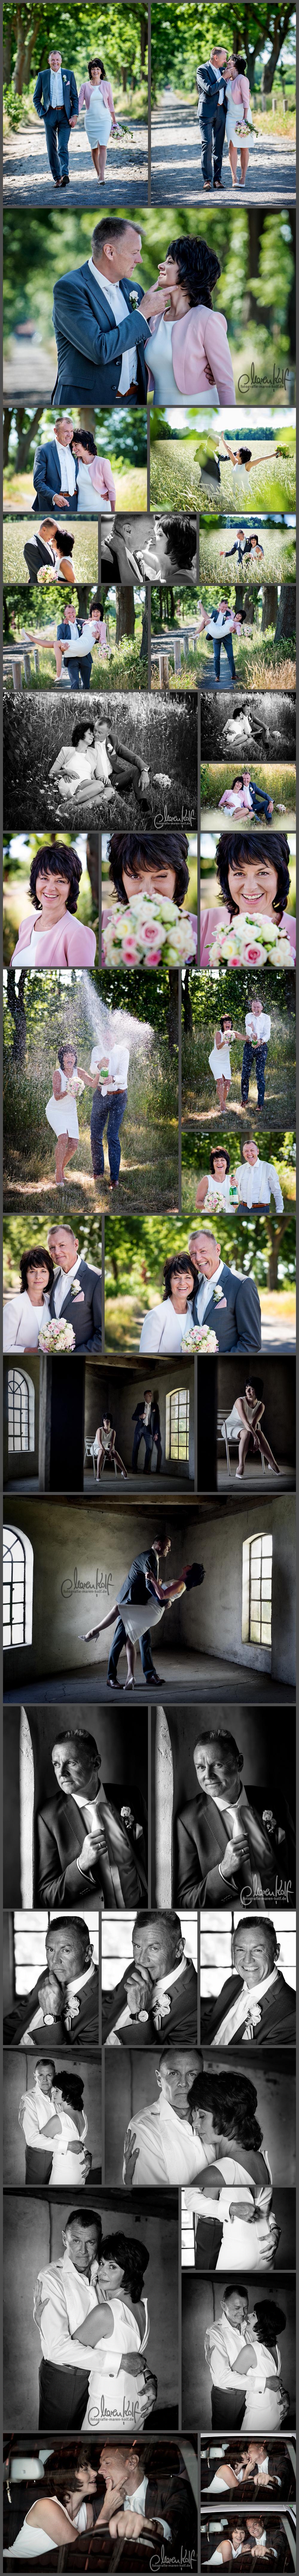 hochzeitsportraits-reife-liebe-persönlichkeiten-ab-50-Hochzeitsbilder-maren-kolf-fotografie-blog